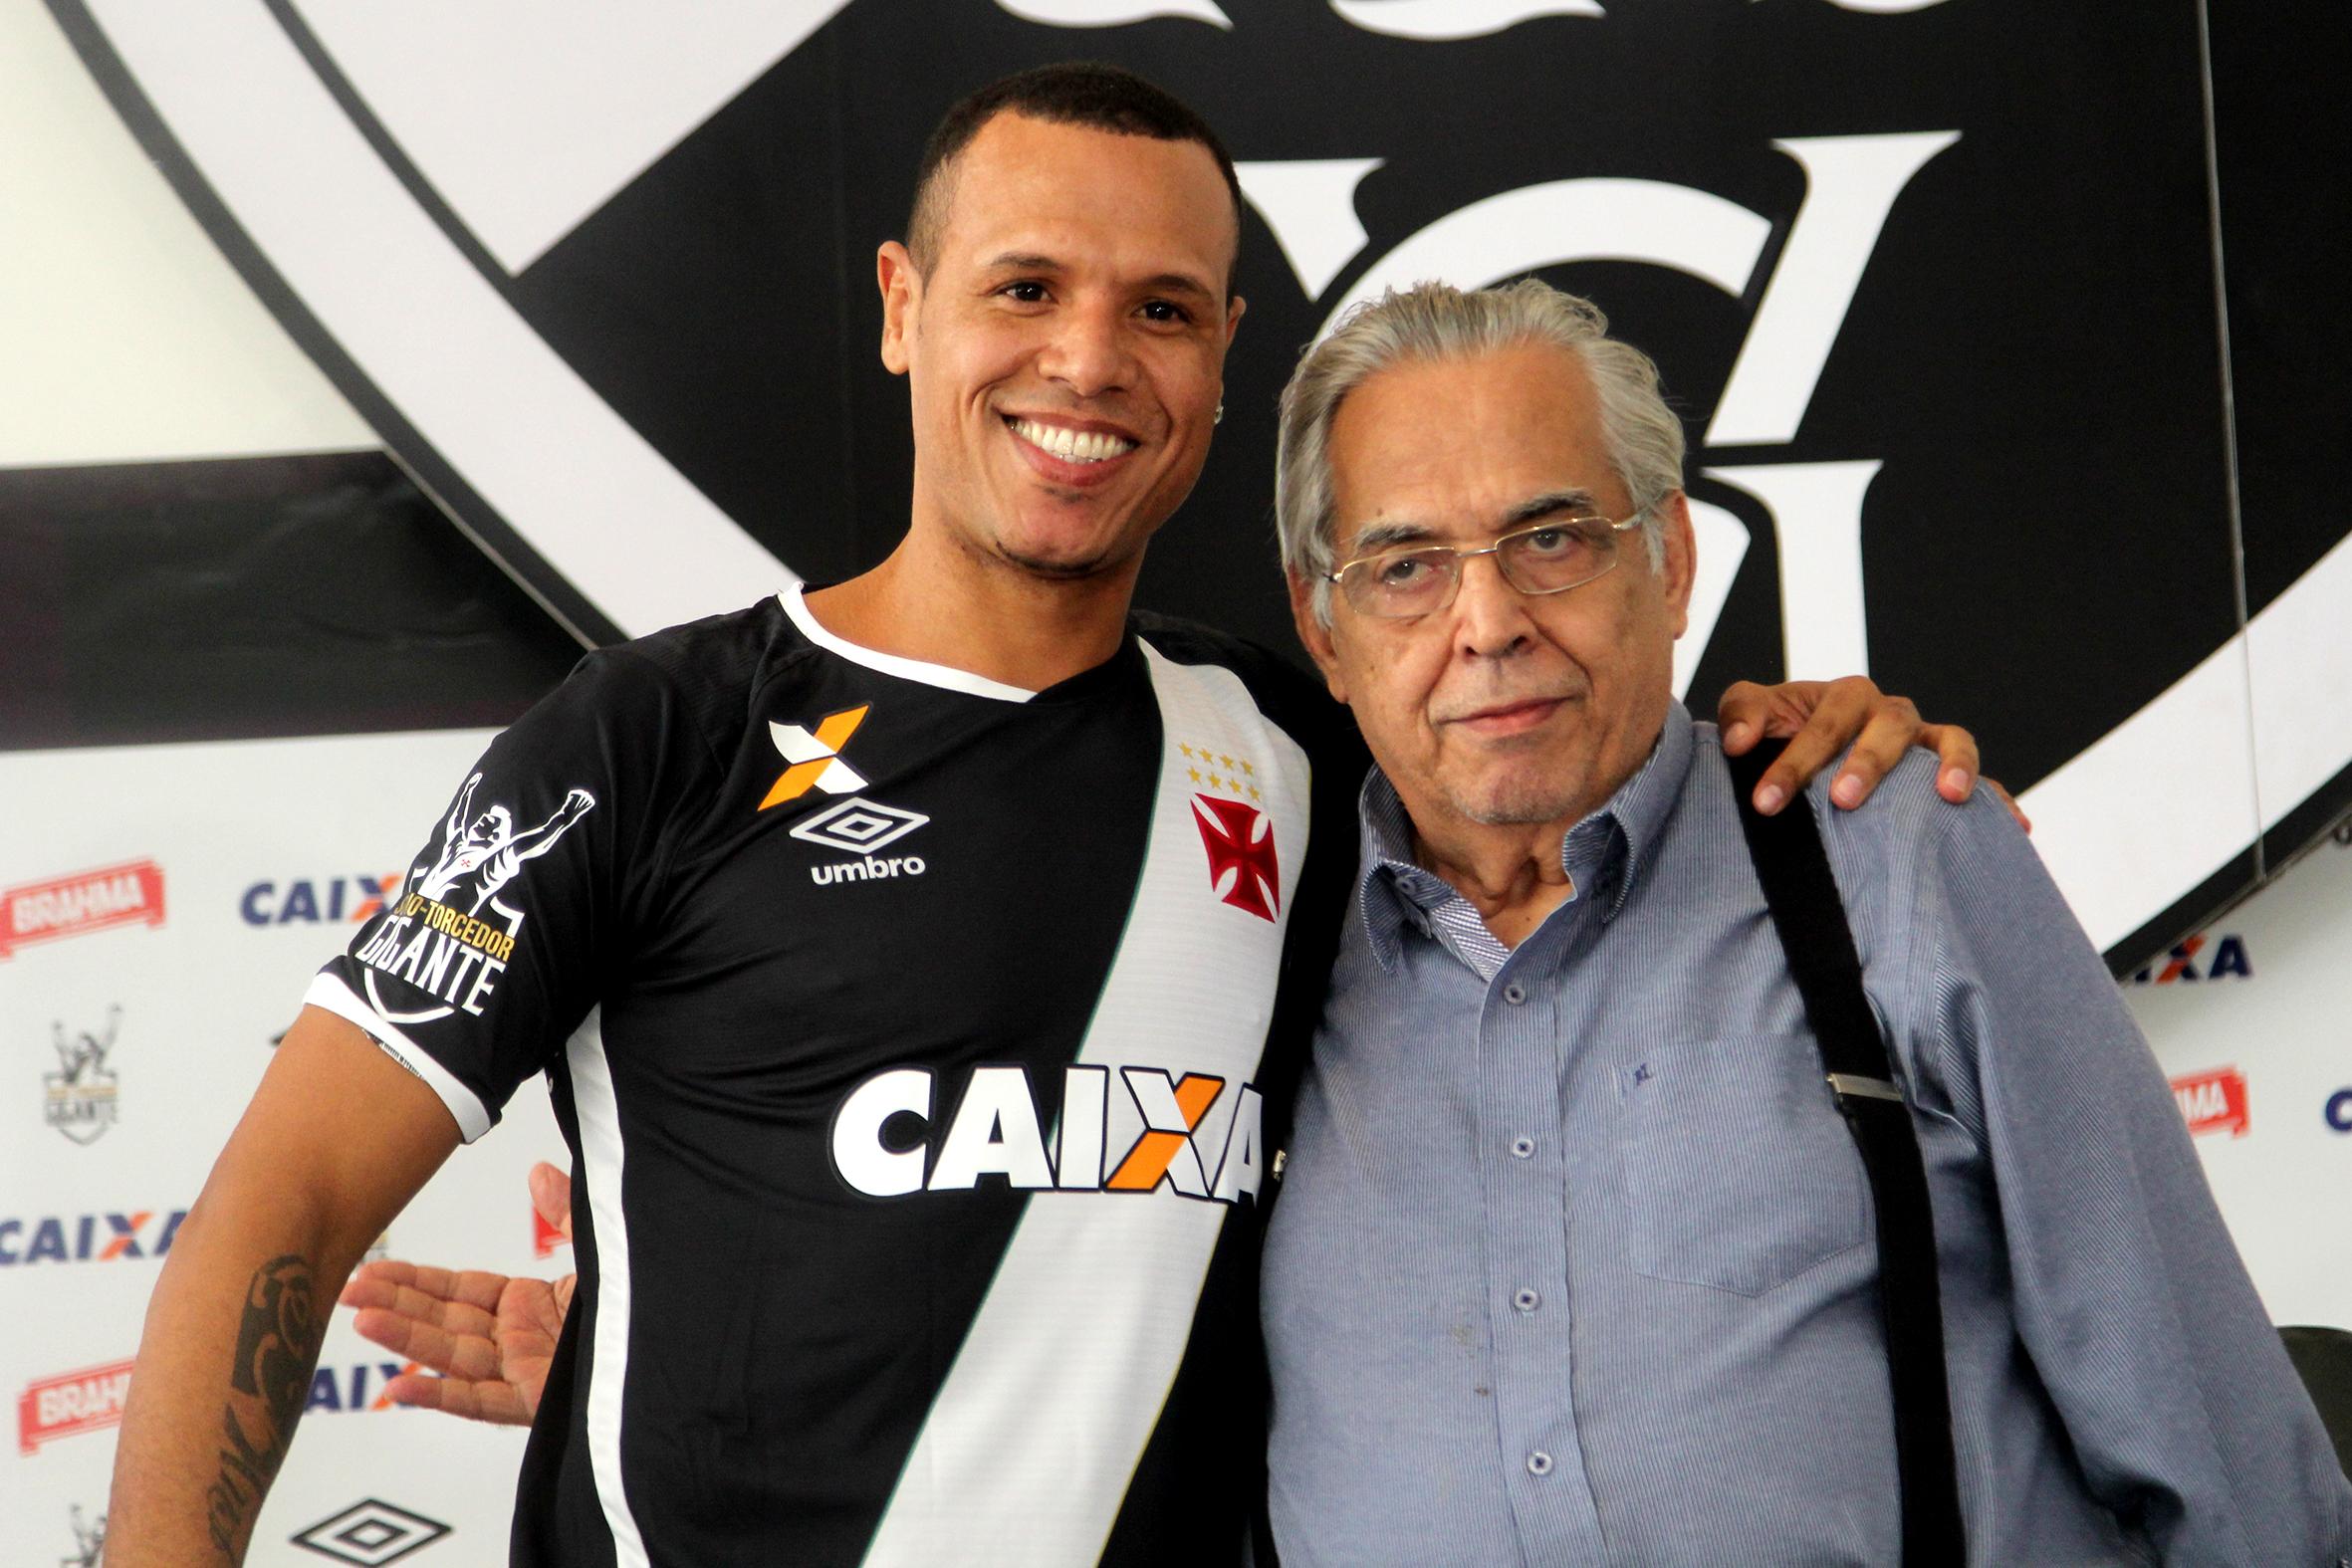 702d1959f9 Luis Fabiano é apresentado como novo reforço do Vasco (21 02)